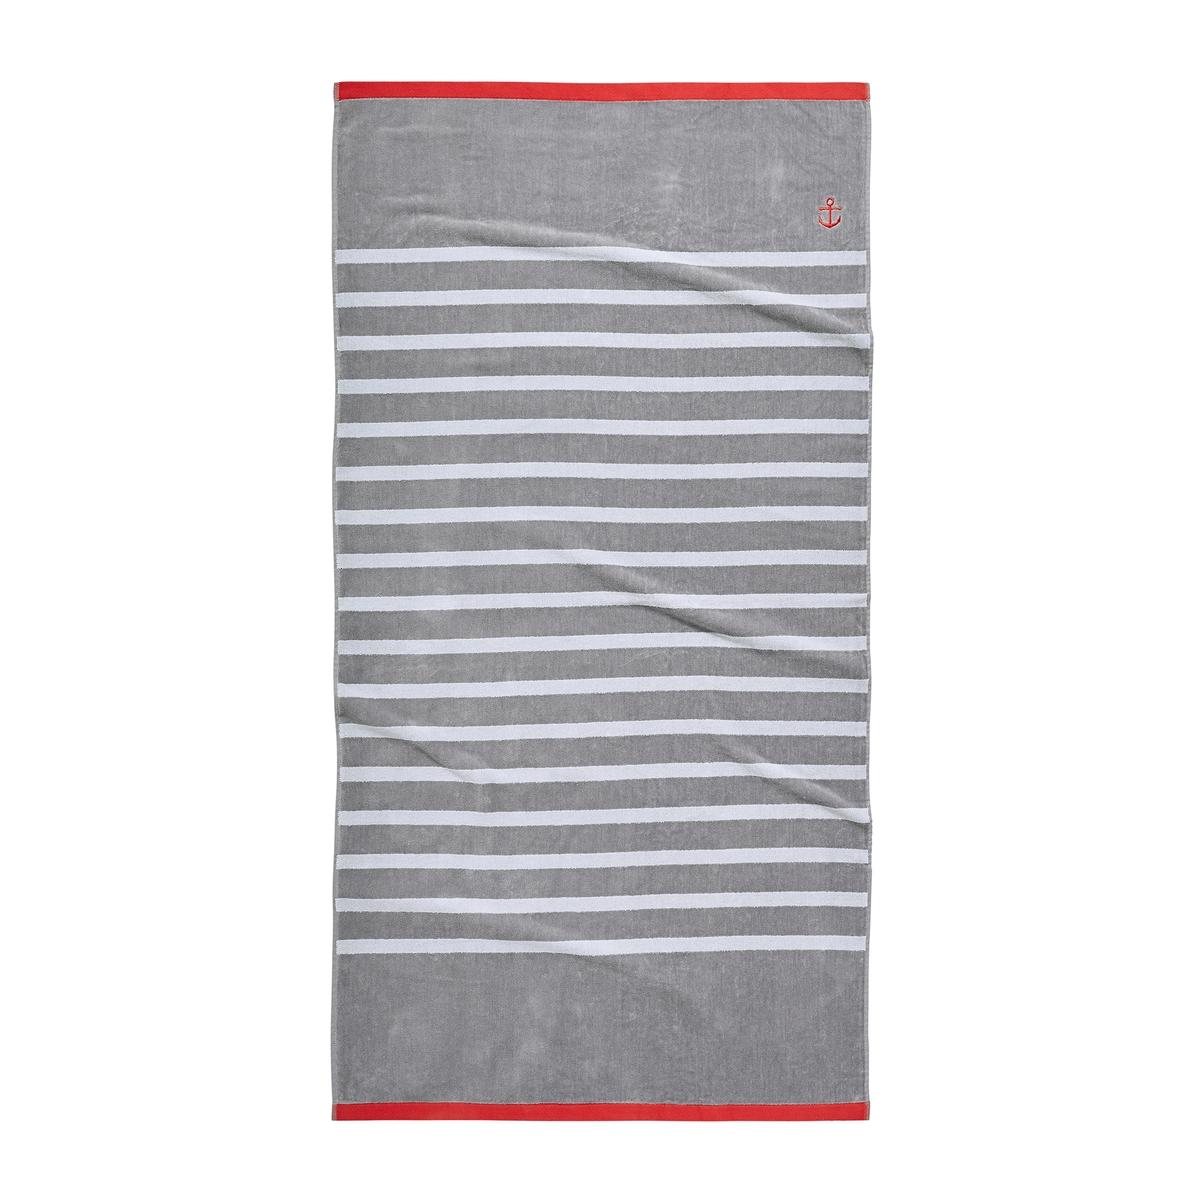 Полотенце La Redoute Пляжное MARINIERE единый размер серый полотенце la redoute для рук из махровой ткани хлопок с люверсом единый размер бежевый